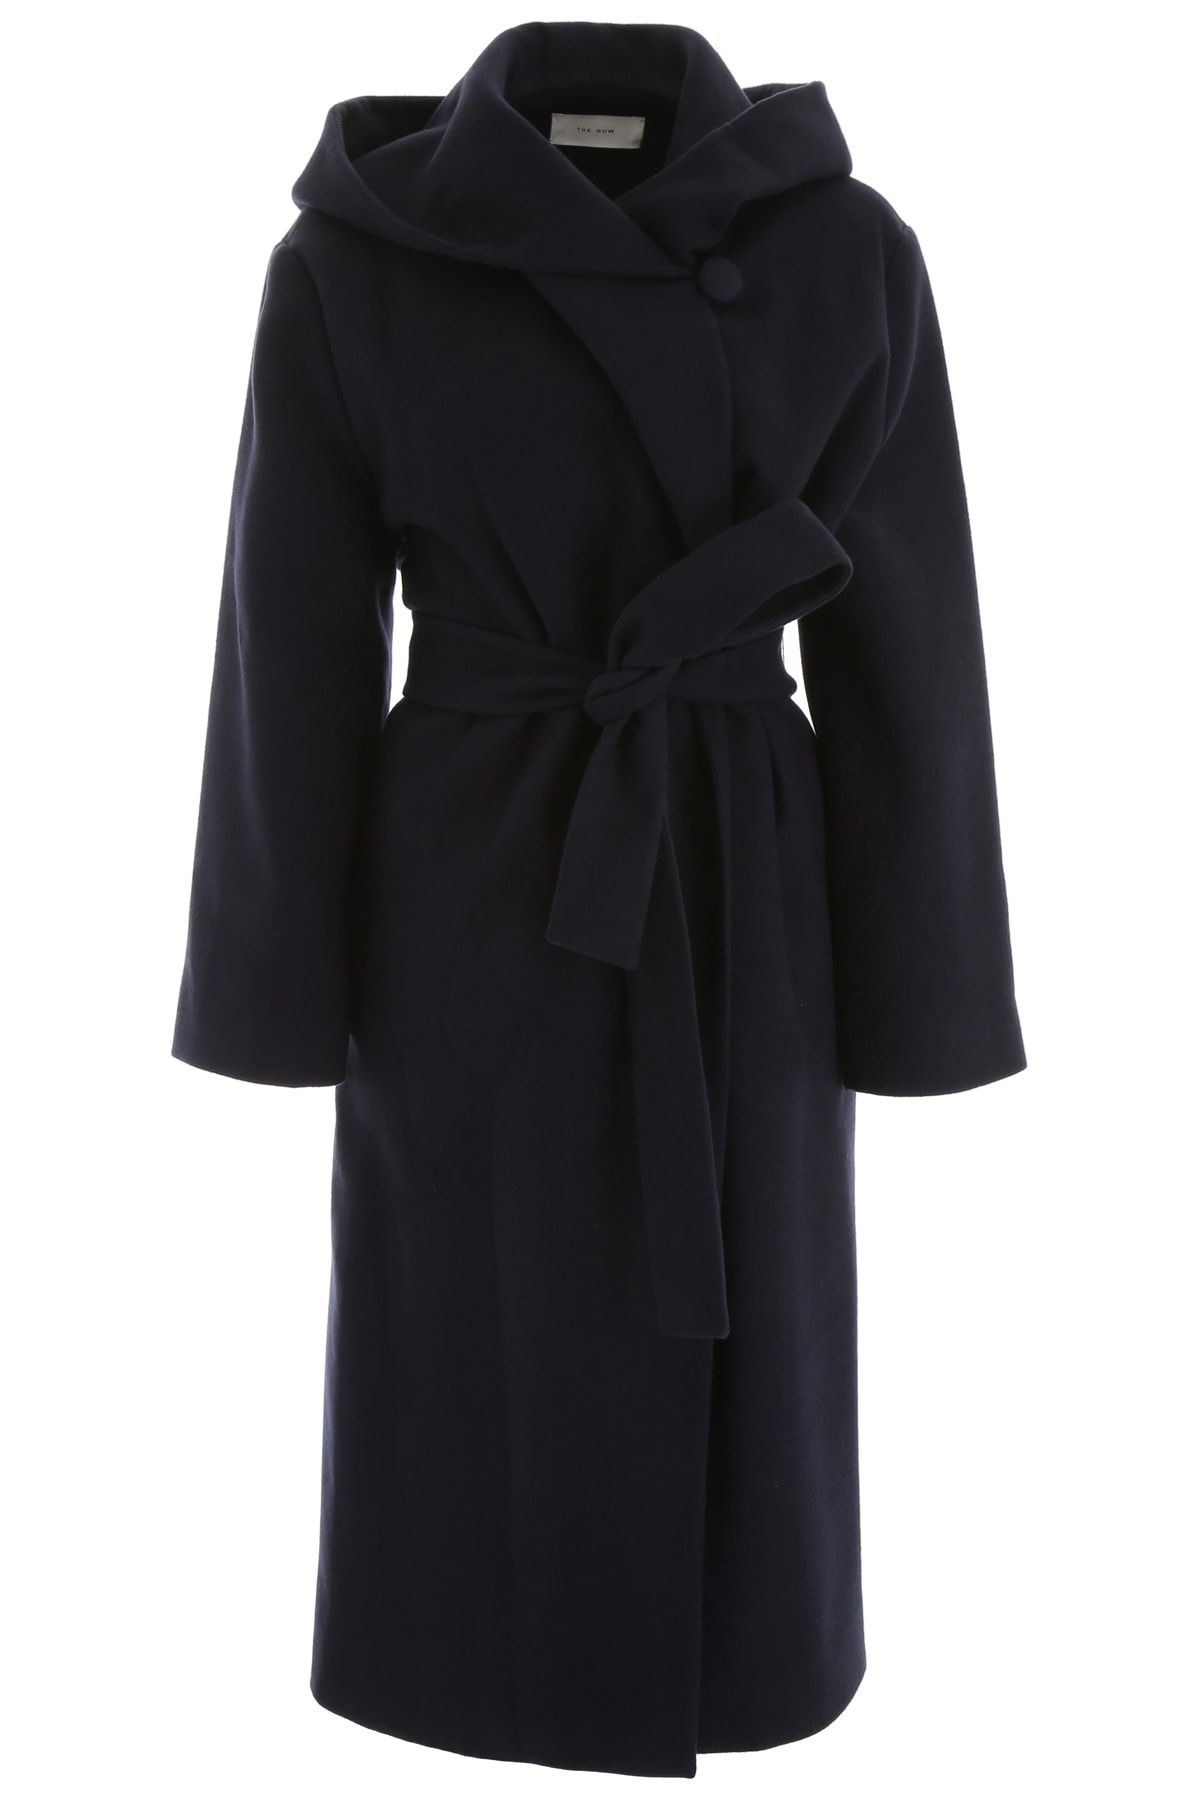 The Row Riona Coat